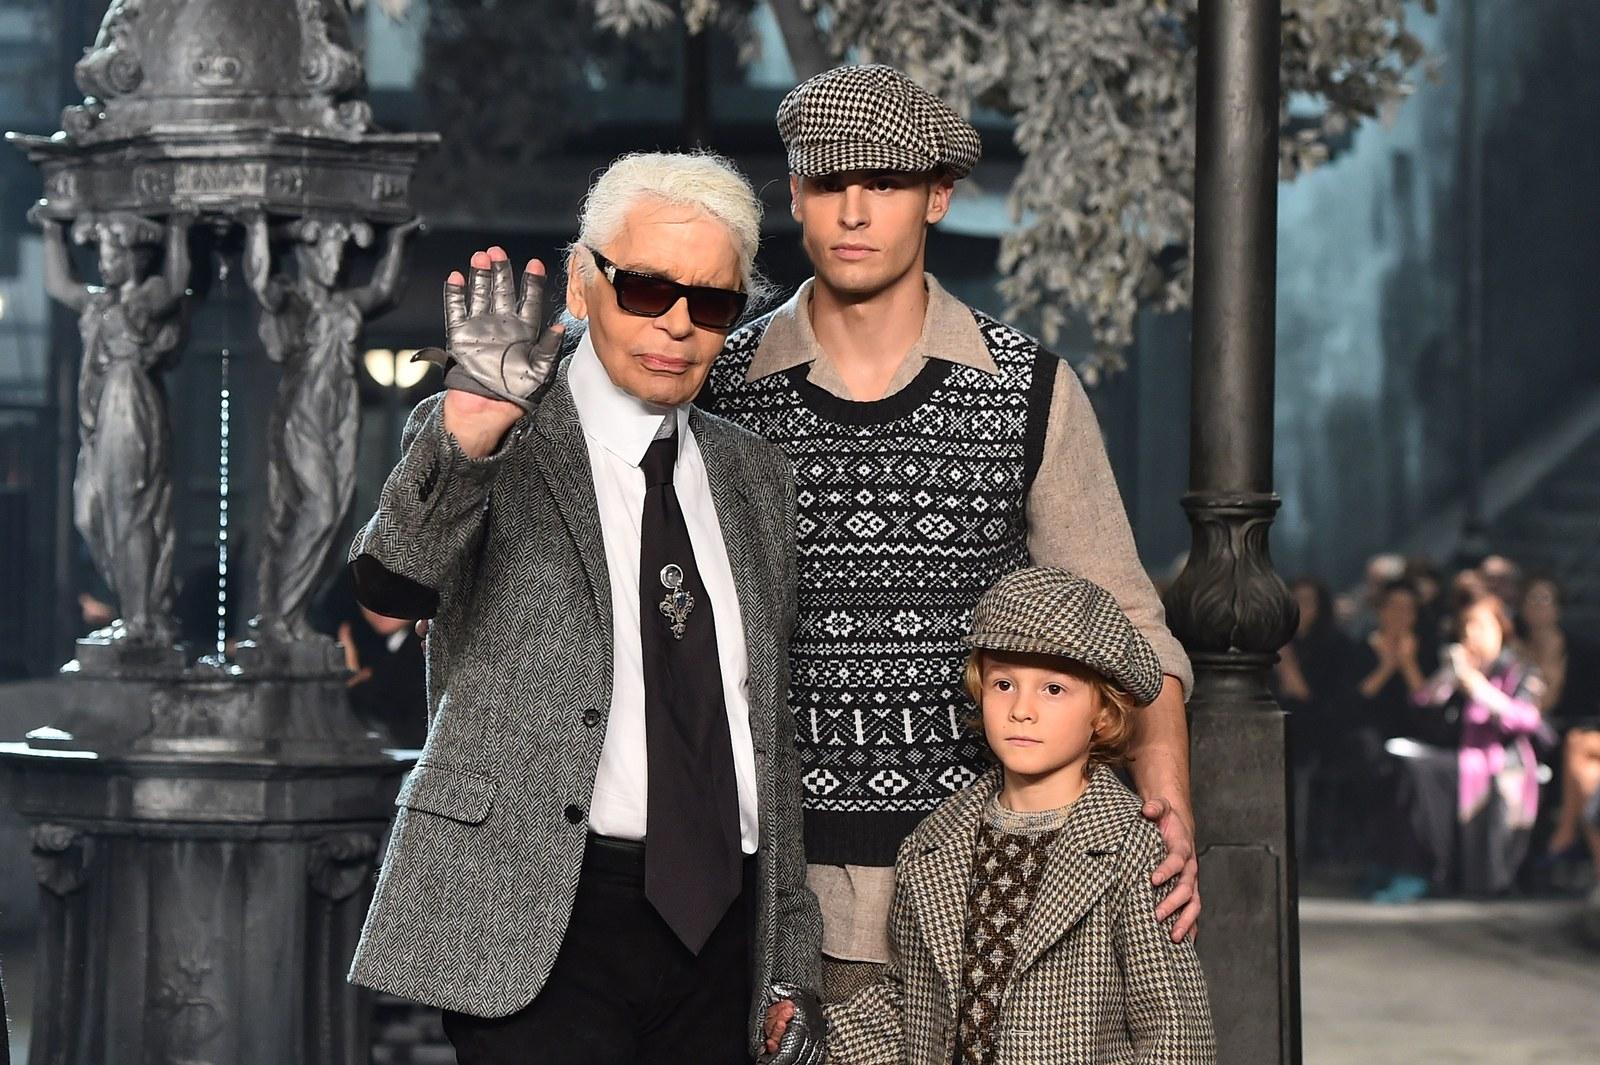 Hudson thường xuyên xuất hiện cùng nhiều chàng thơ và nàng thơ của Karl Lagerfeld; như với người mẫu Baptise Giabiconi tại show diễn Chanel Paris-Rome.